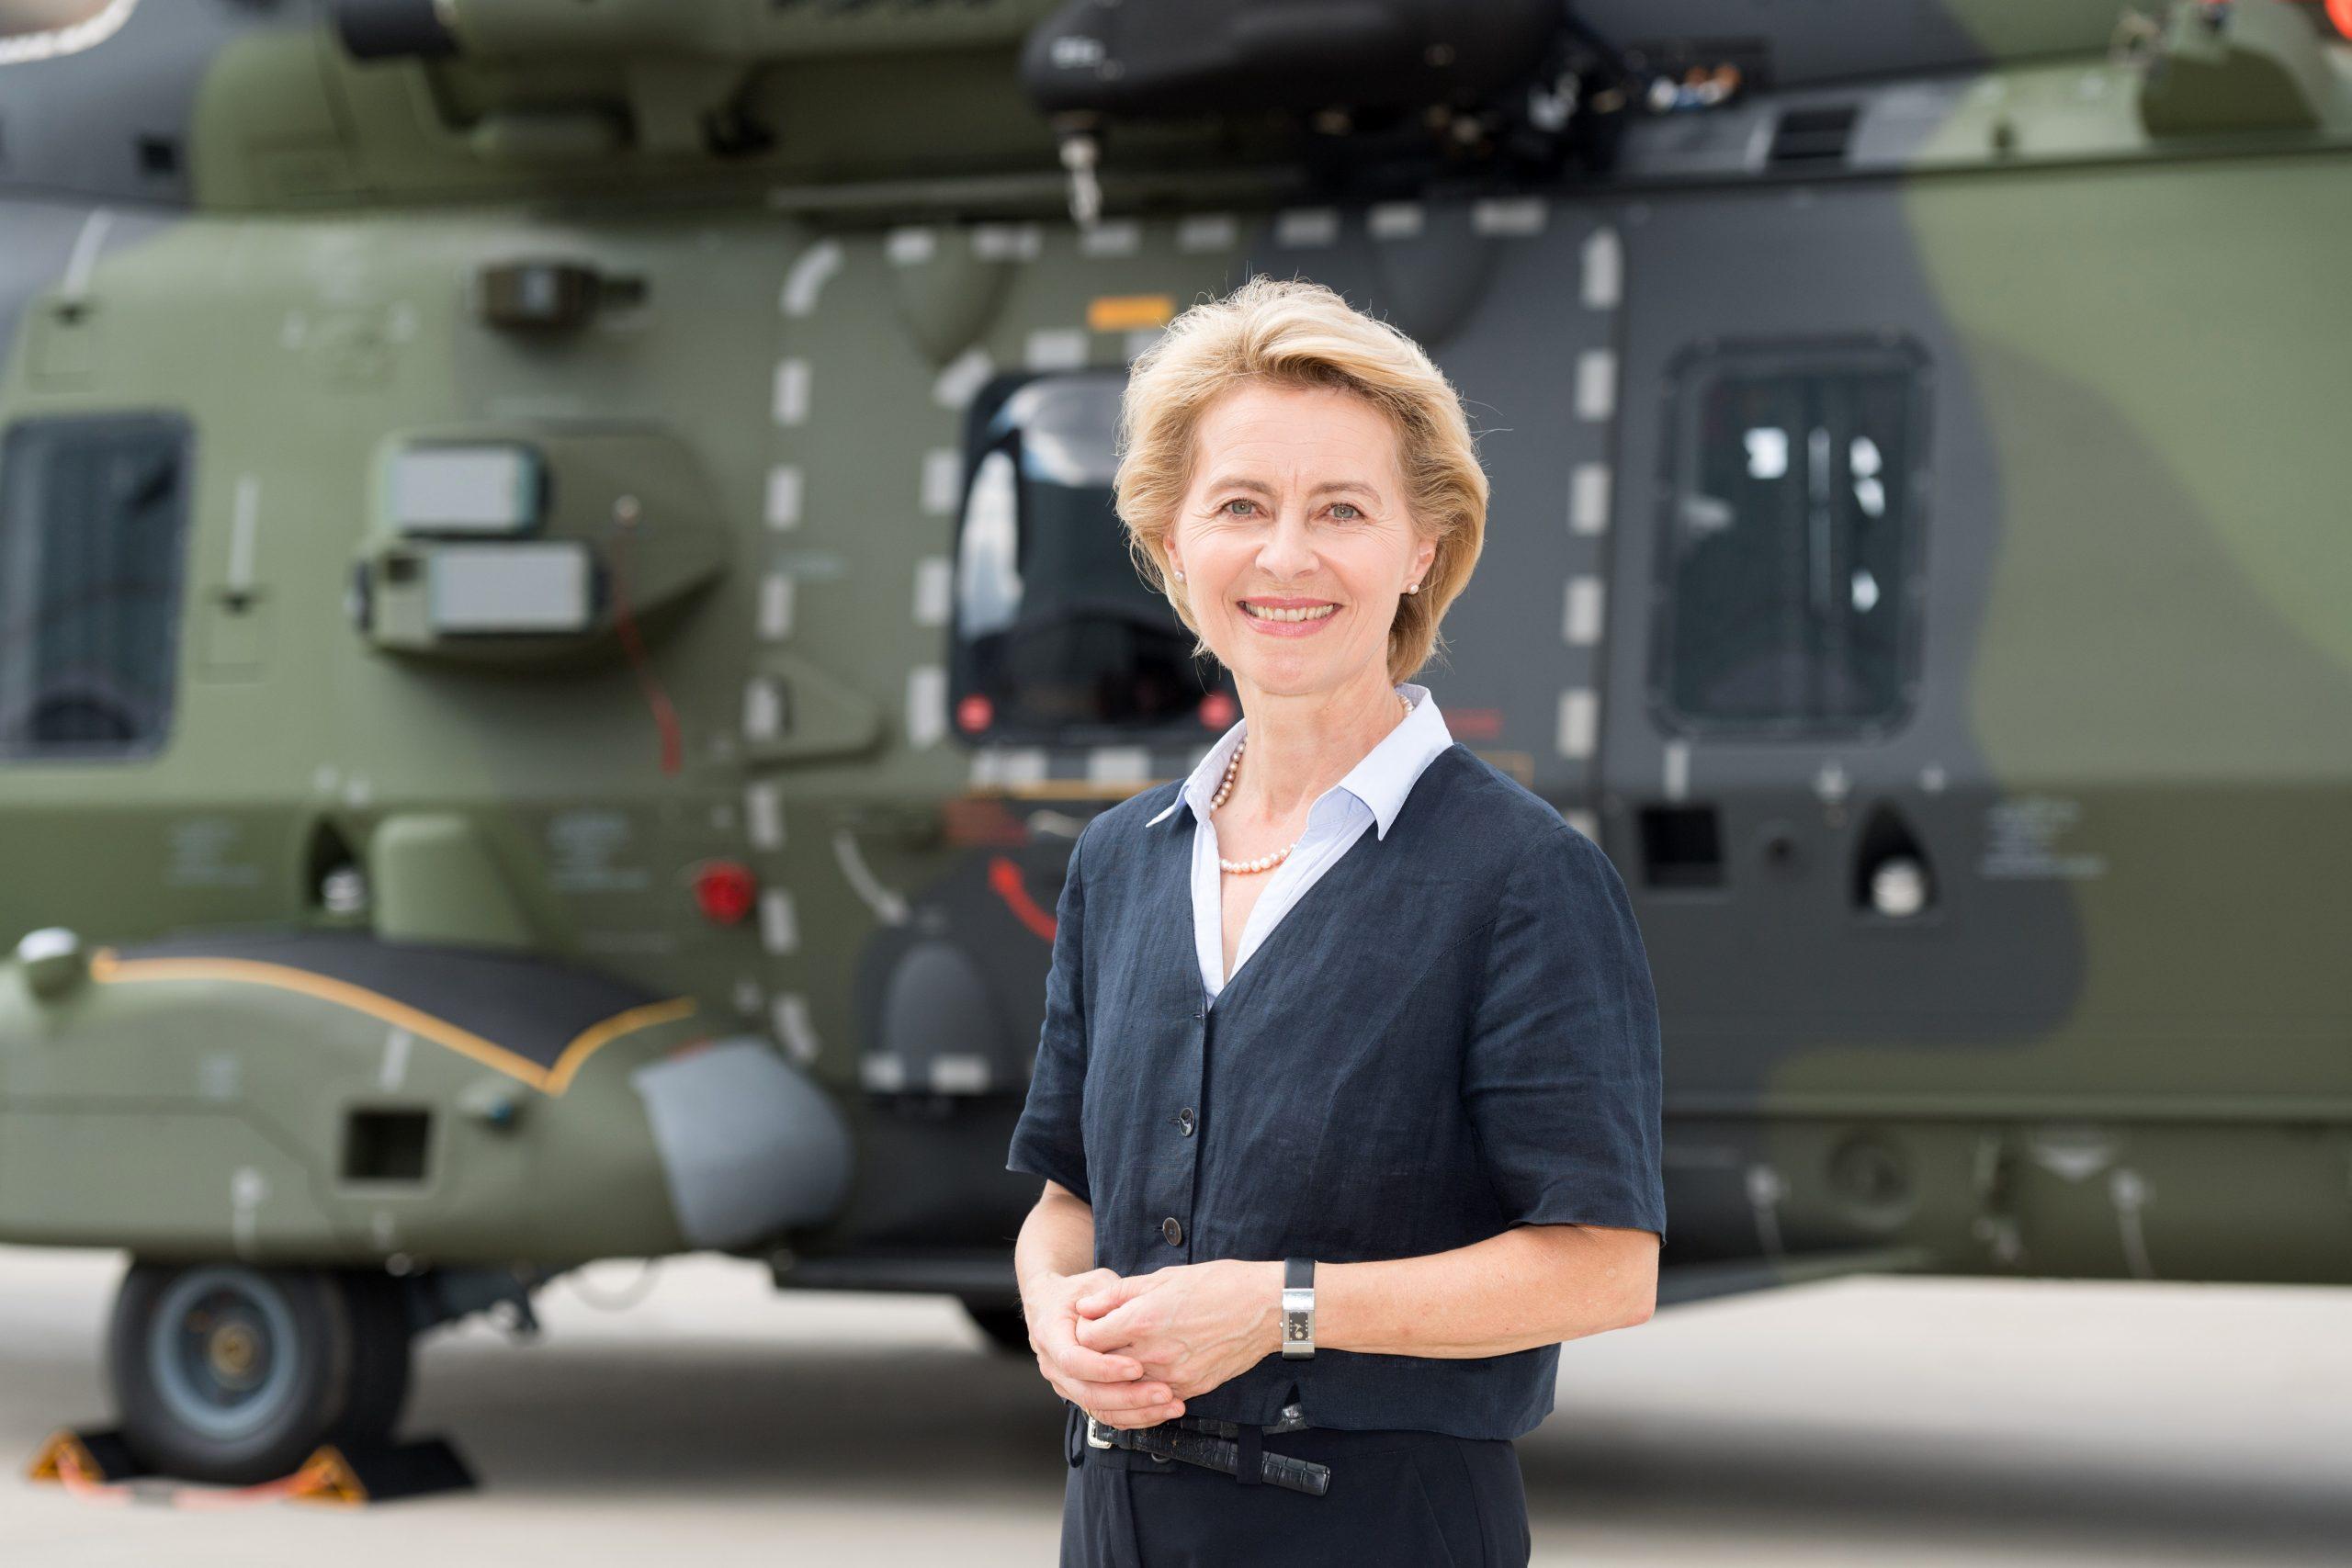 Public Hearing With Ursula Von Der Leyen Watch Live Today